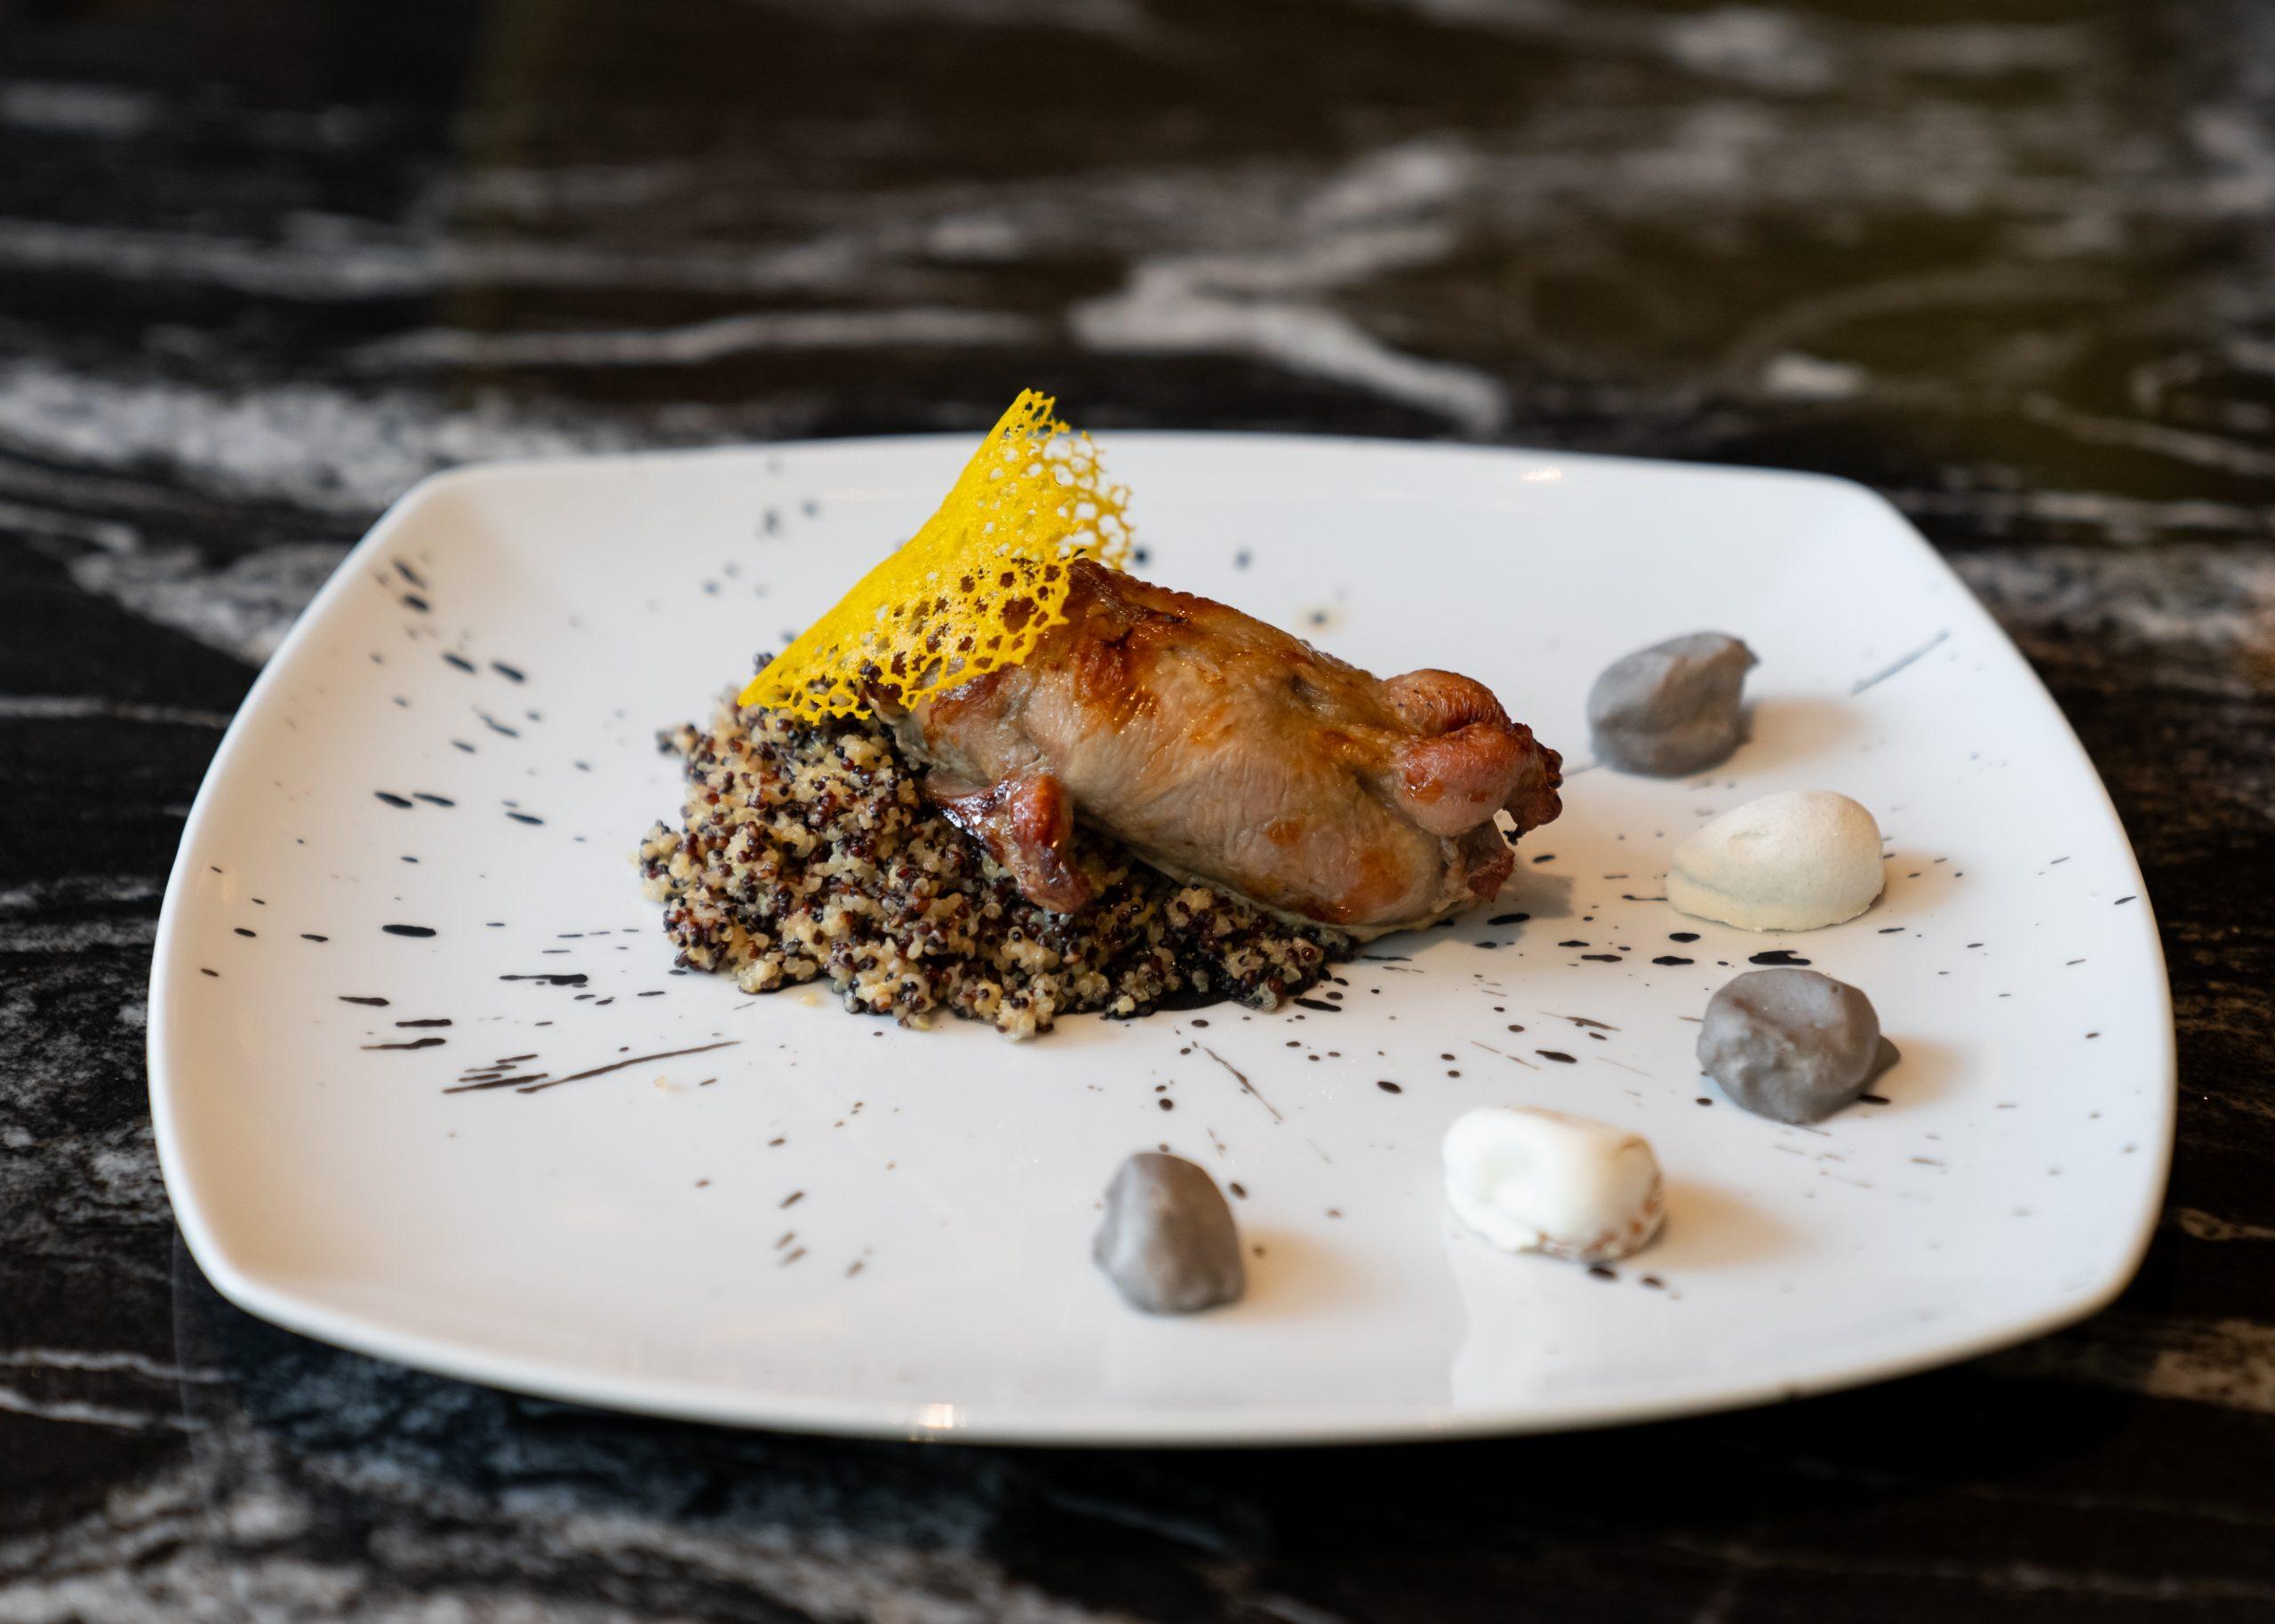 Dolce Vita ресторан.меню перепёлка фаршированная печёным баклажаном и кедровым оерхом киноа камни из кумквата (2)